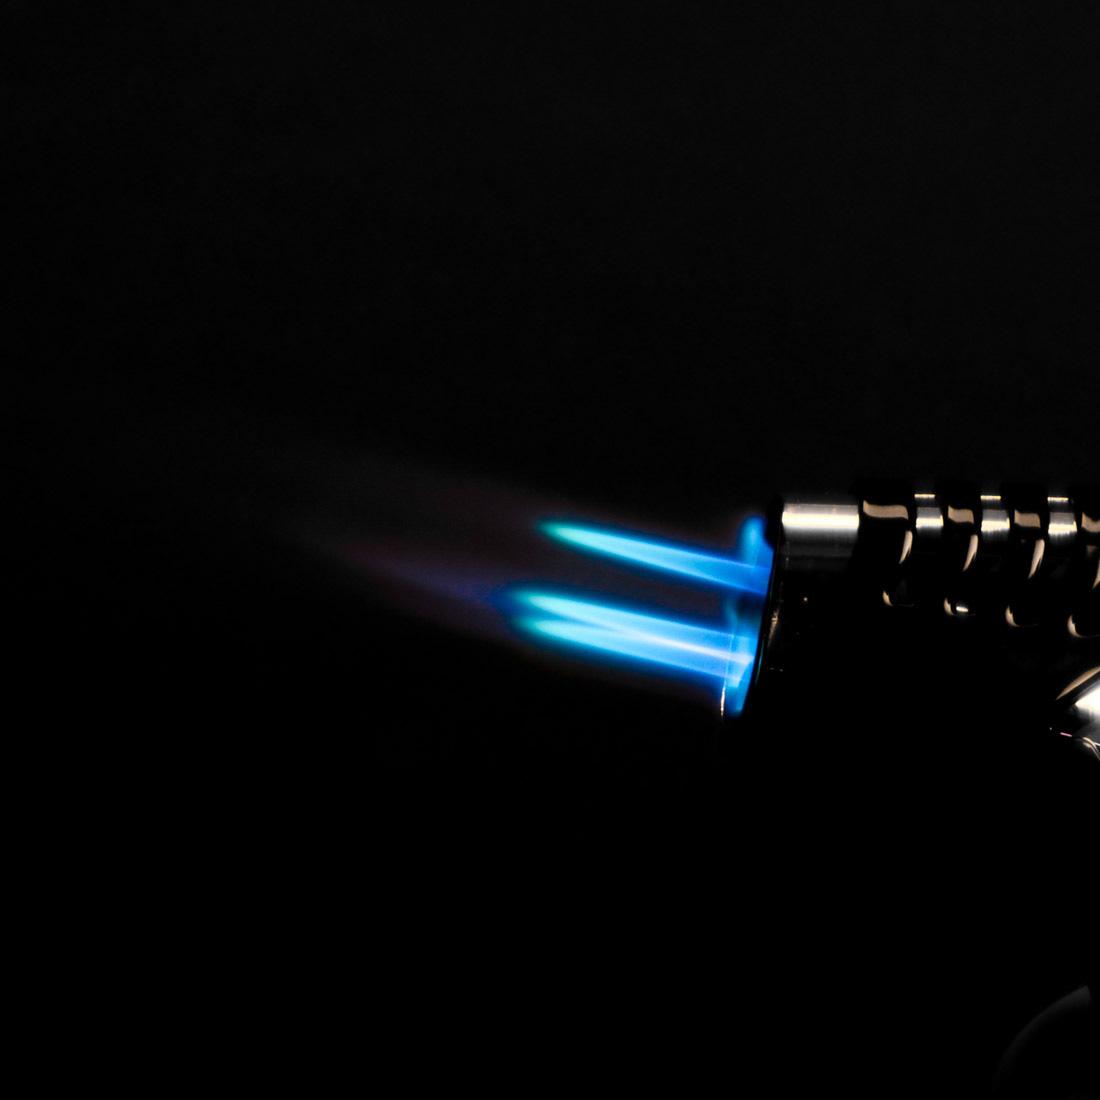 Briquet chalumeau acheter 99centime - Comment recharger un briquet ...